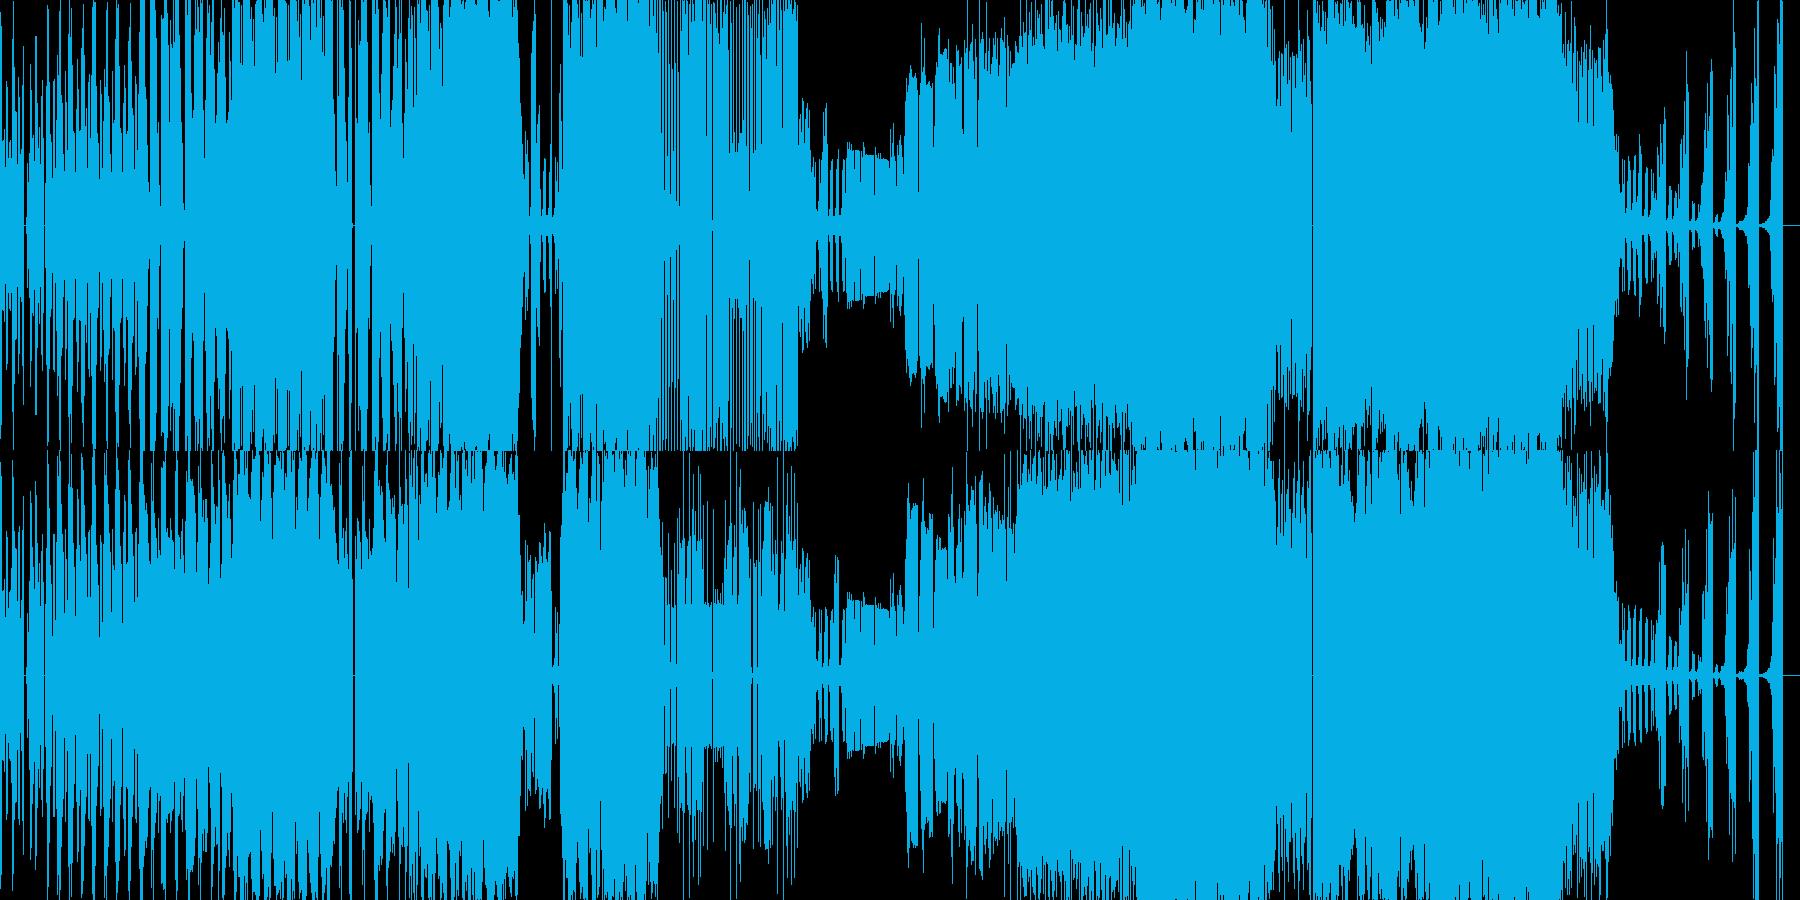 オーケストラを波形でブチブチに切った曲の再生済みの波形